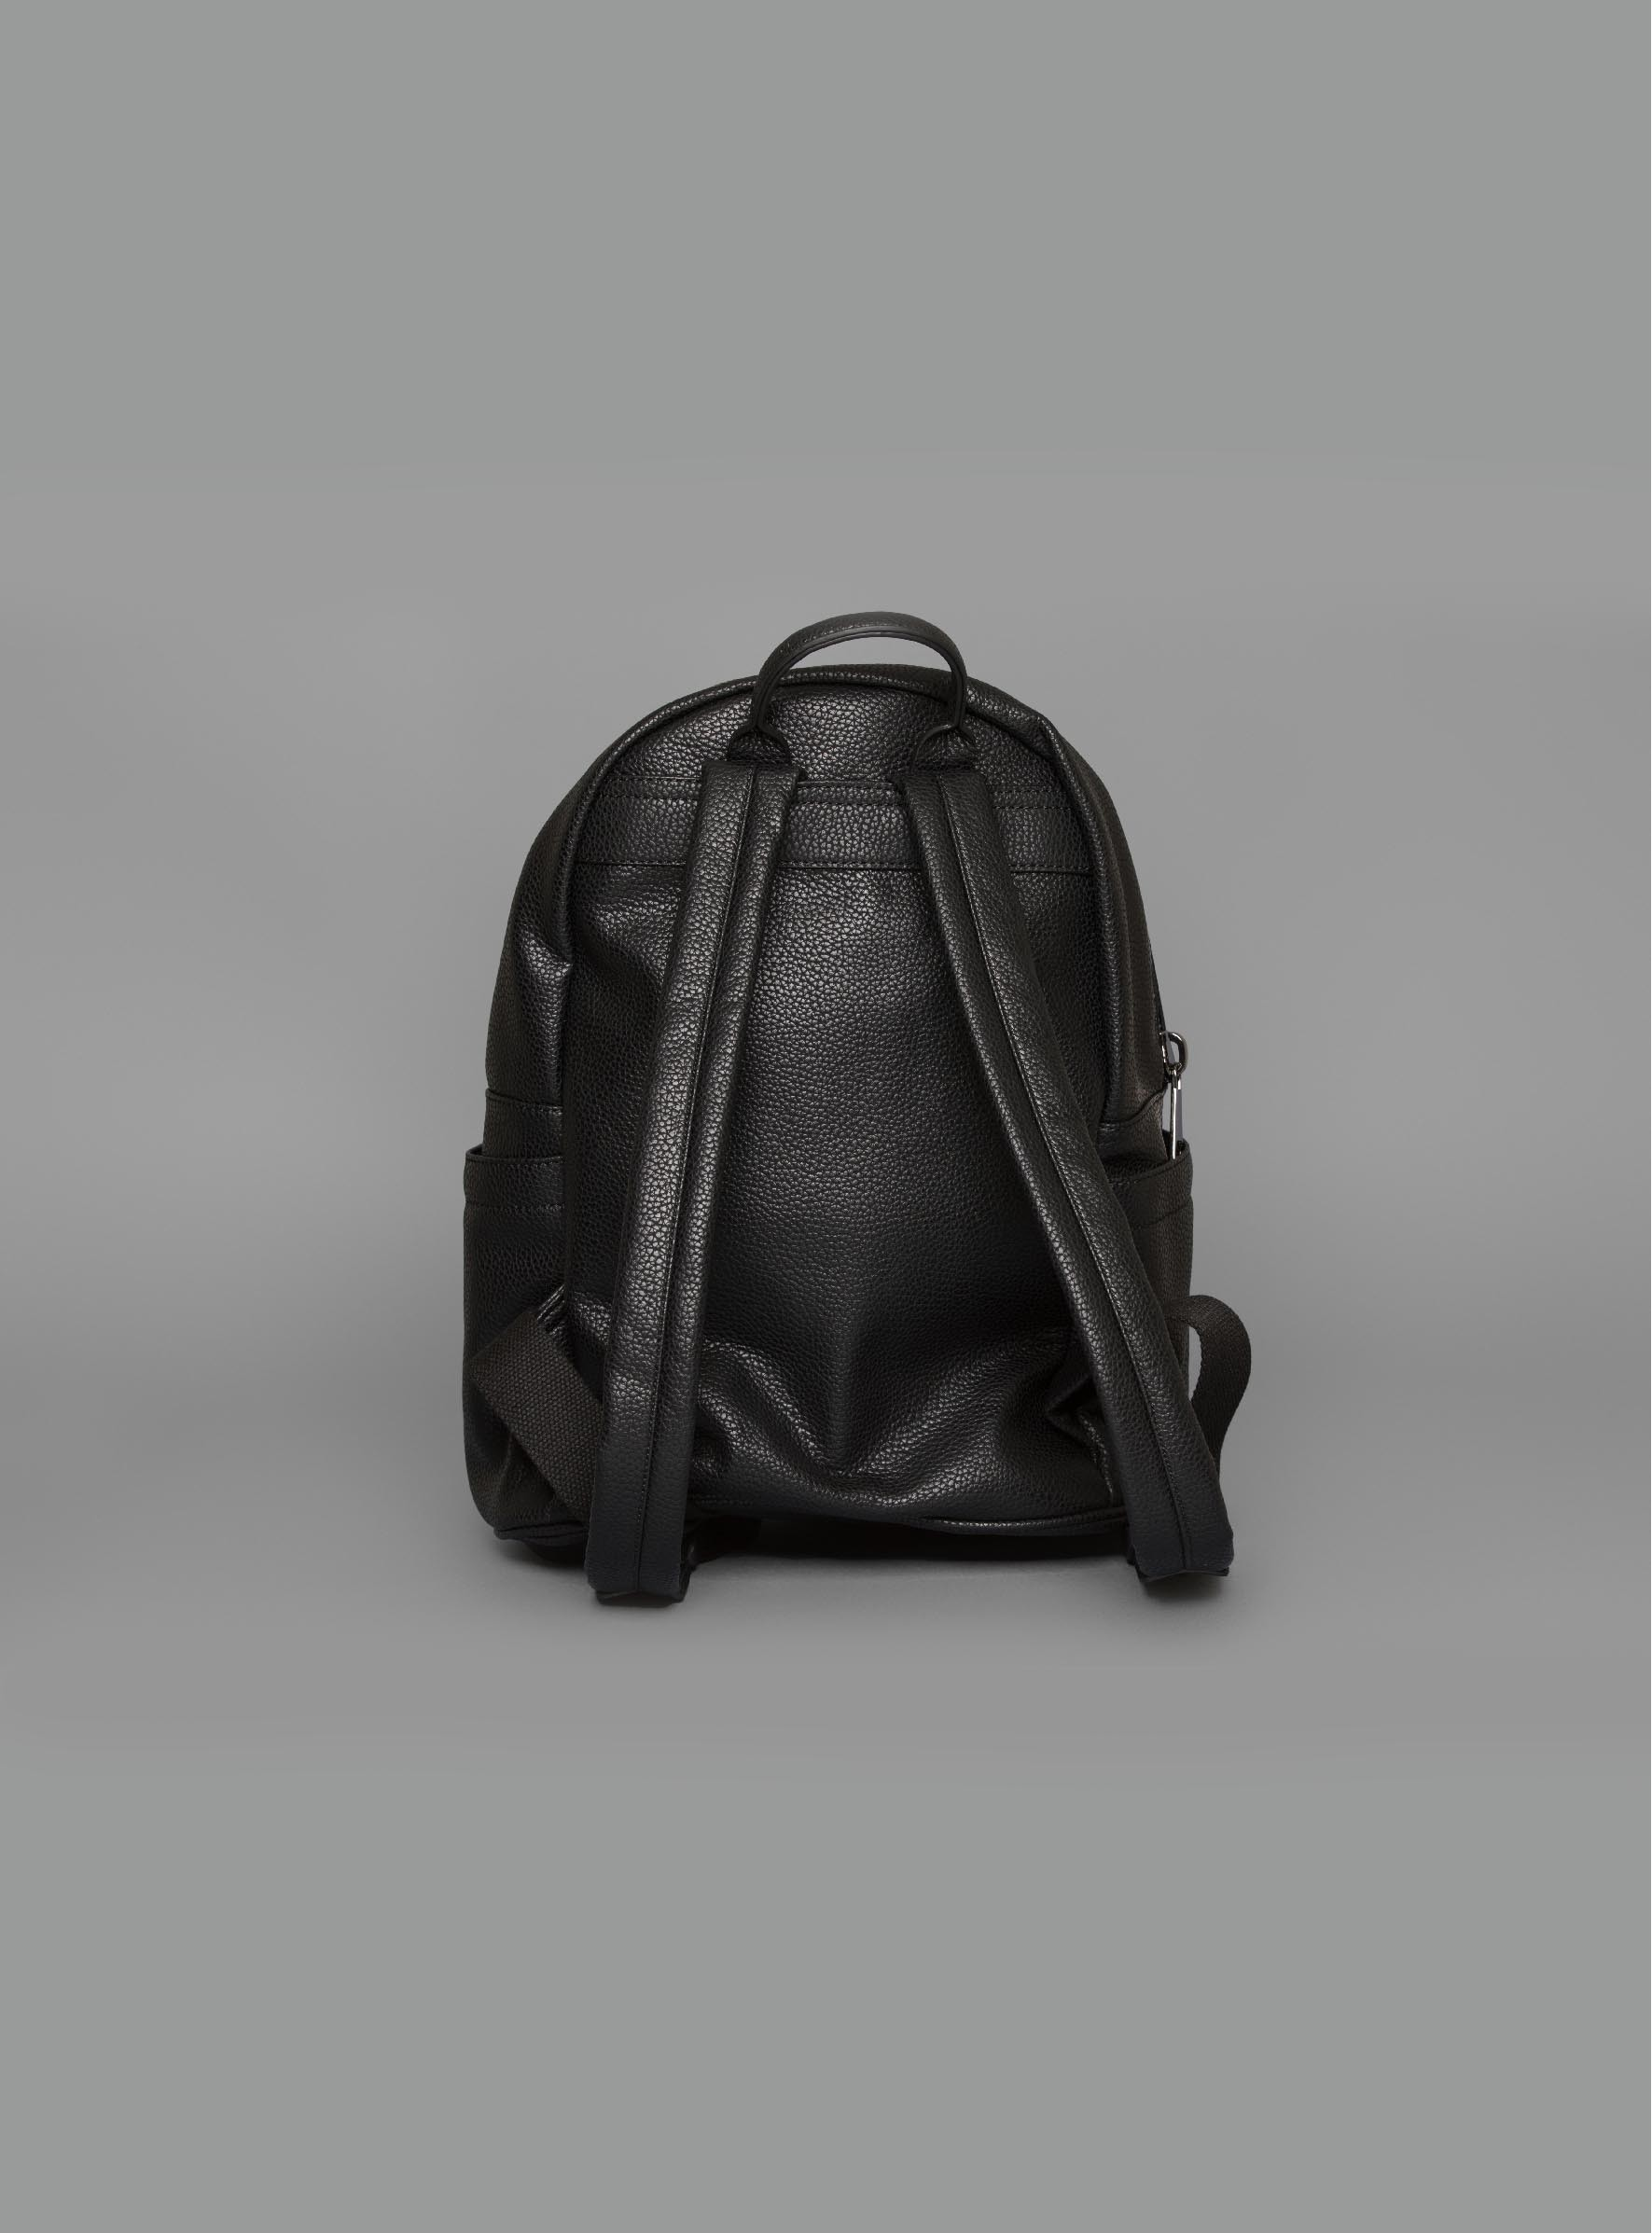 ZAINO - CDFA210 - COMME DES FKDOWN